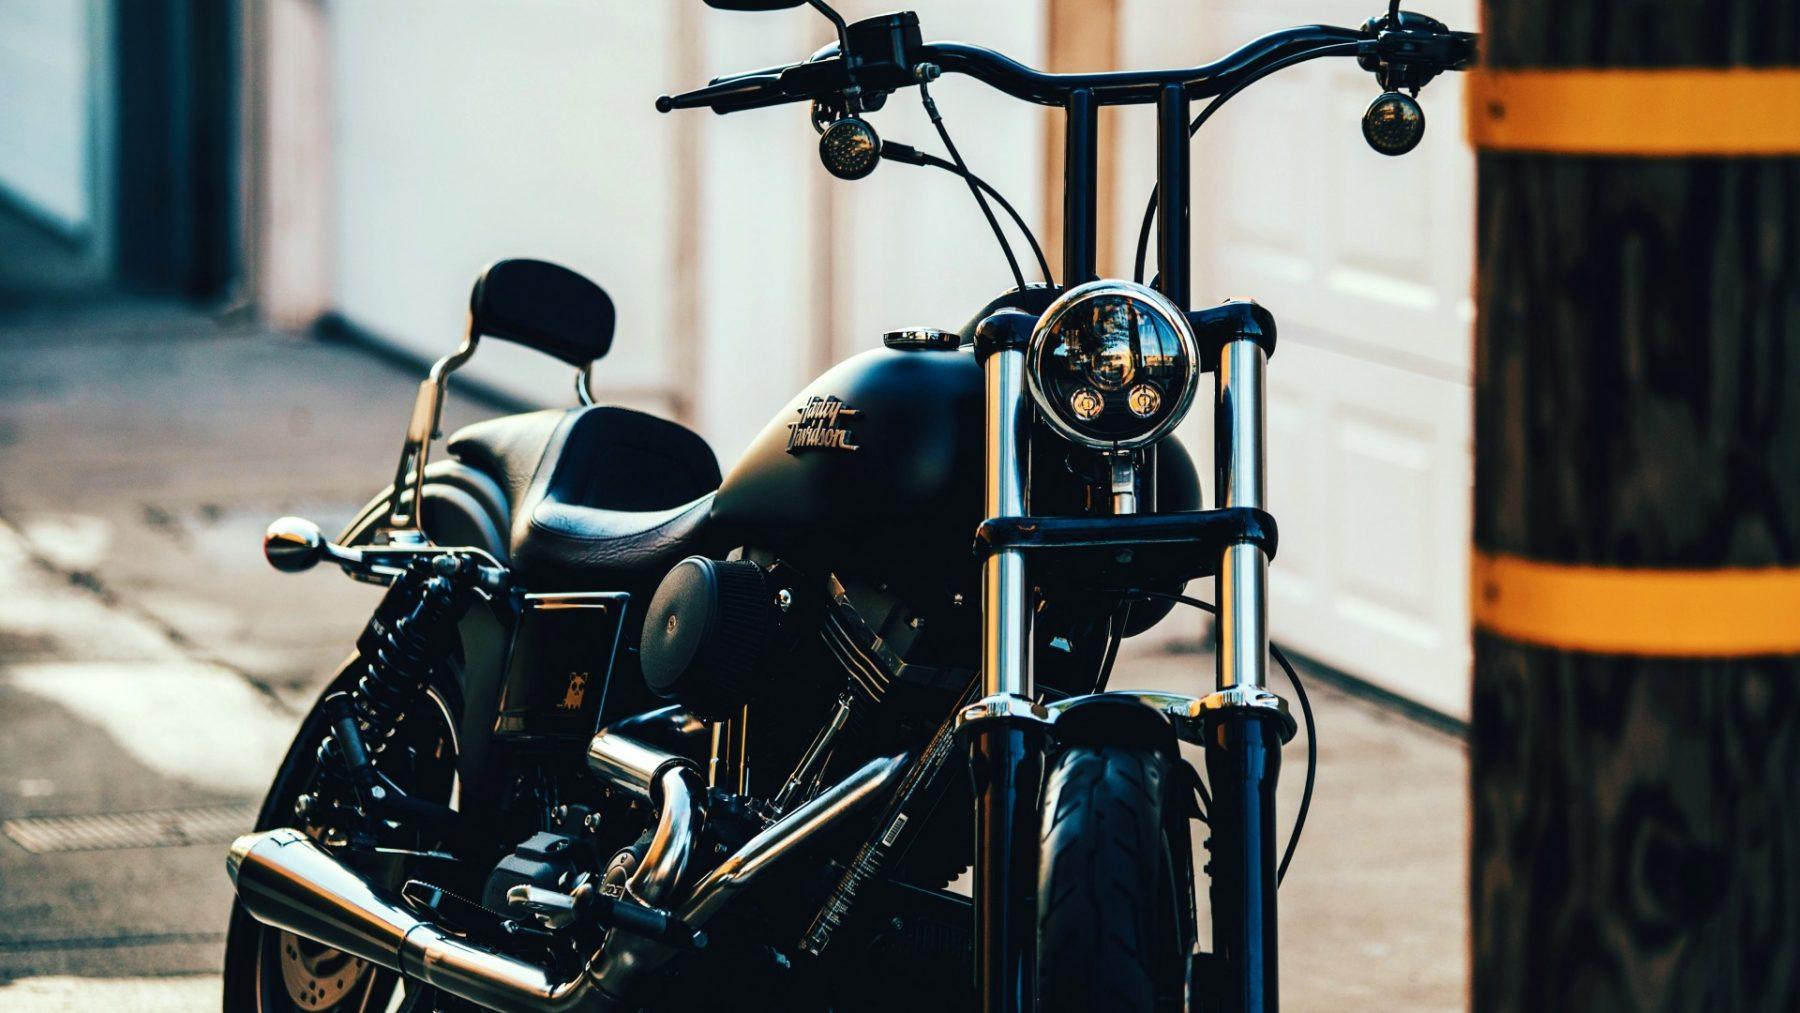 Deze restauranthouder verkoopt zijn Harley Davidson, zodat hij zijn medewerkers kan betalen